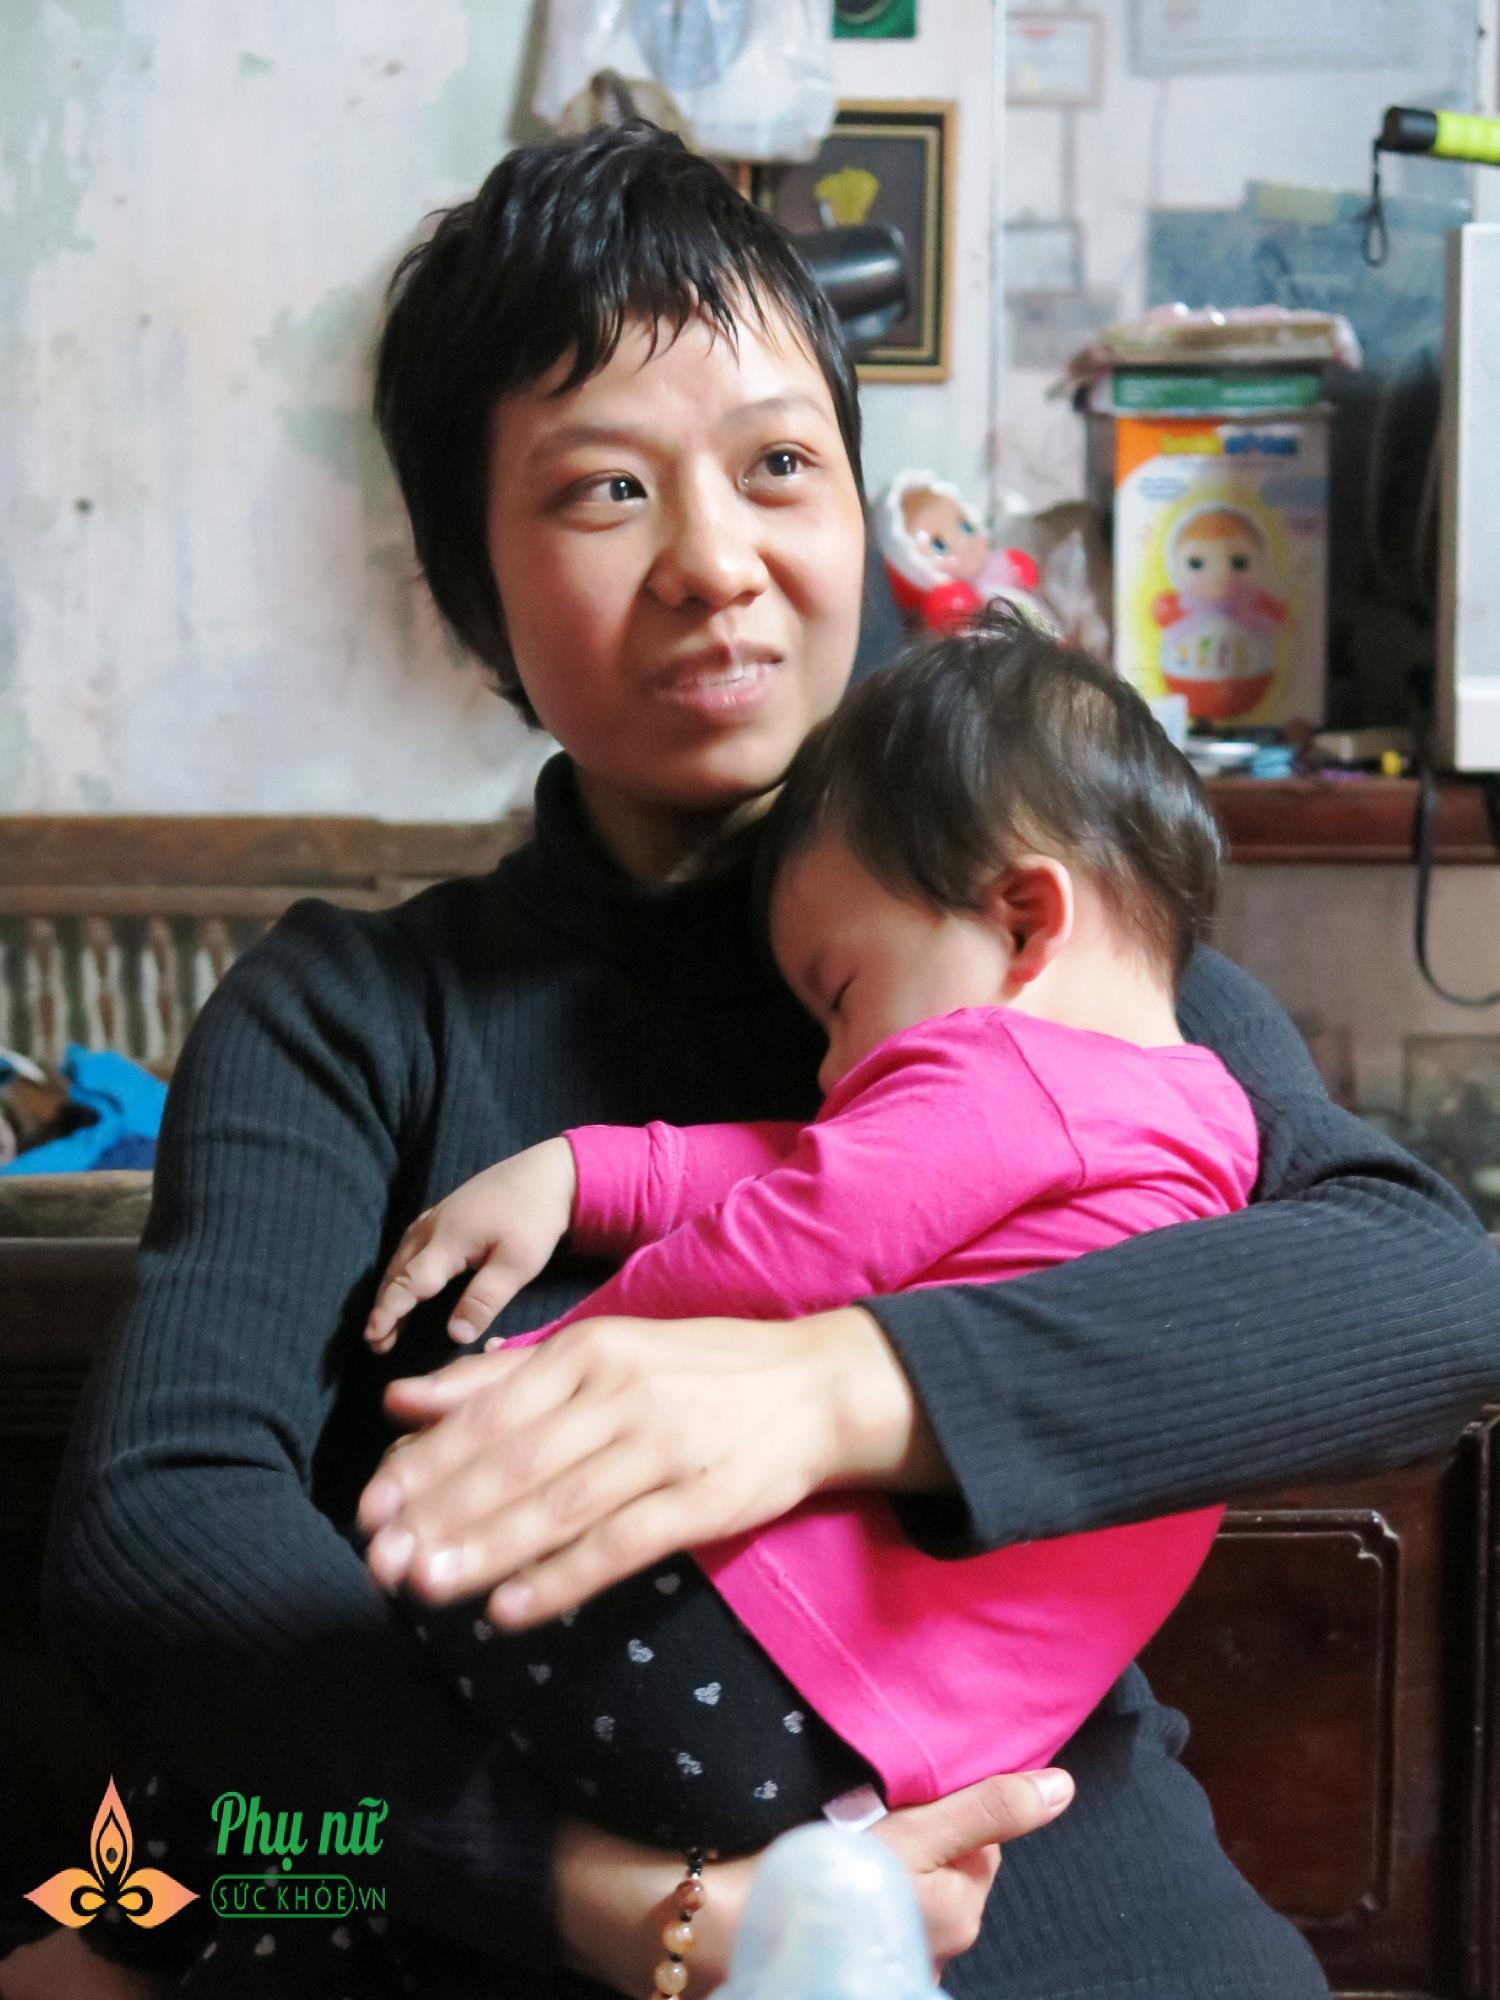 Nghẹn lòng mẹ ung thư nhường hết sự sống cho thai nhi trong bụng - Chỉ có thể là mẹ mới làm được điều phi thường ấy! - Ảnh 9